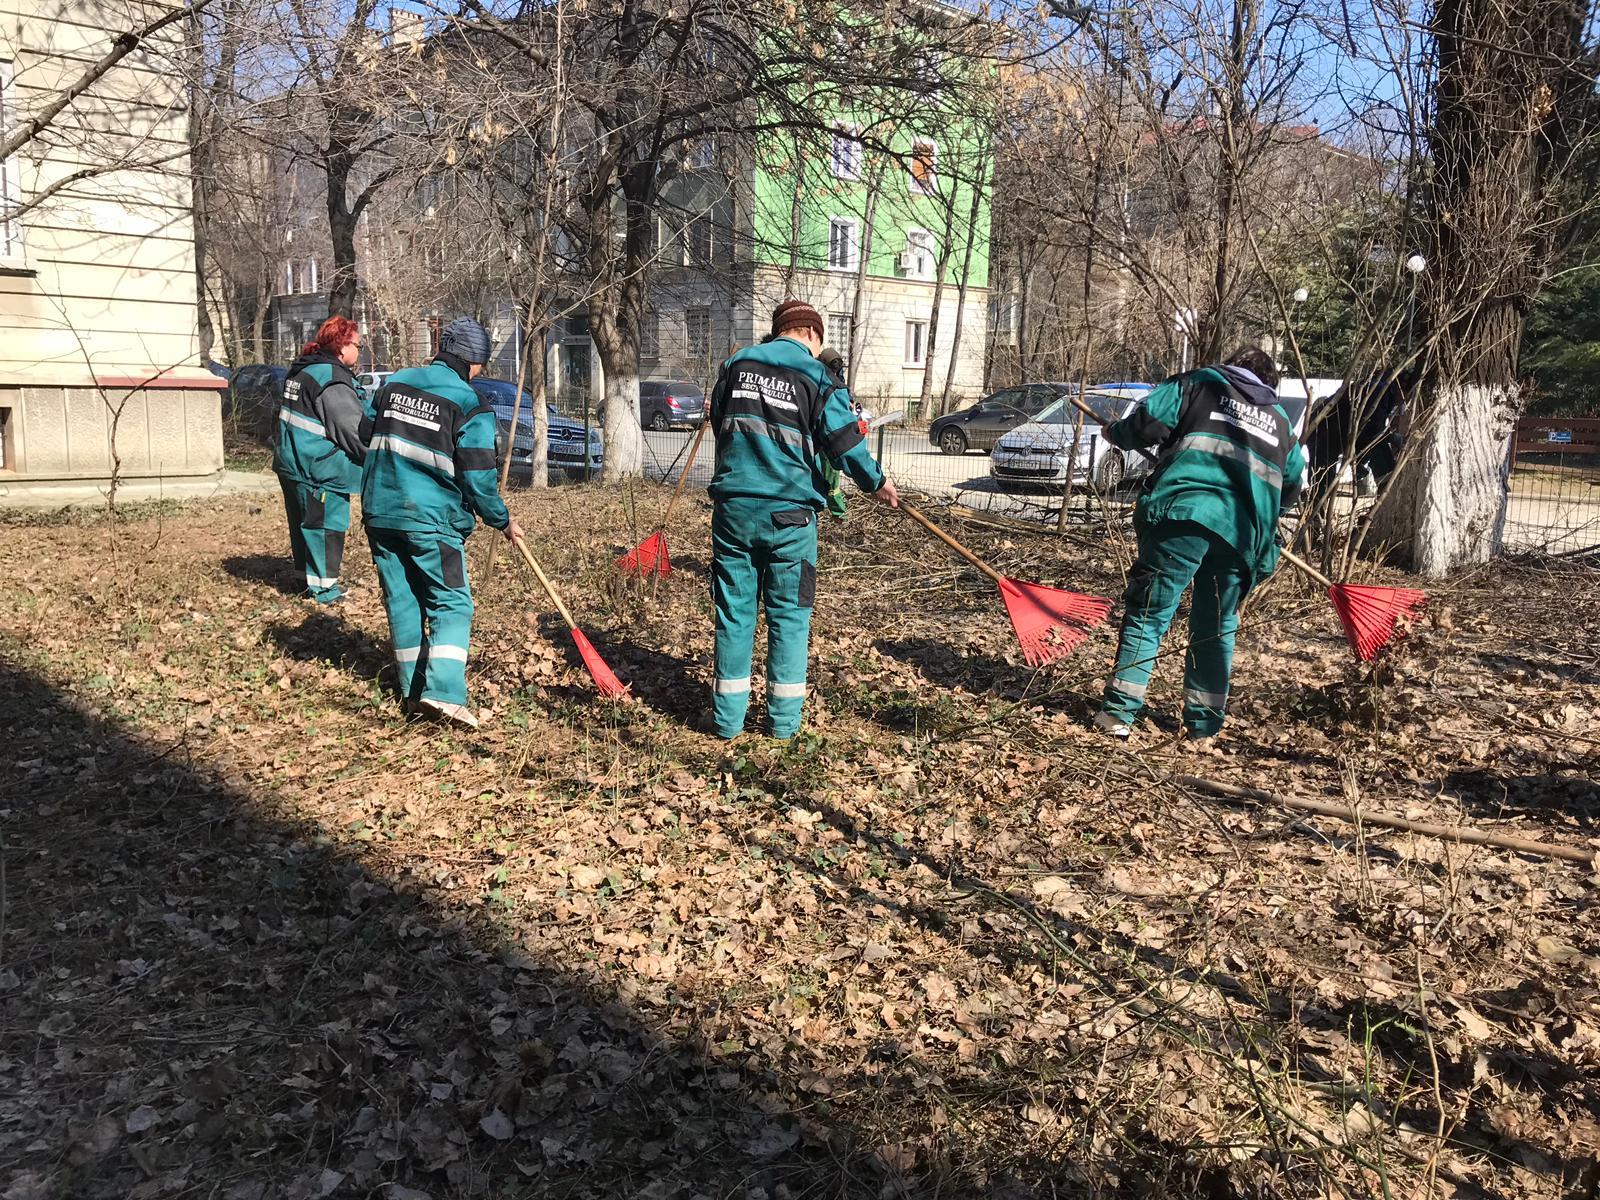 cea mai amplă campanie de curățenie generală care a fost vreodată în București